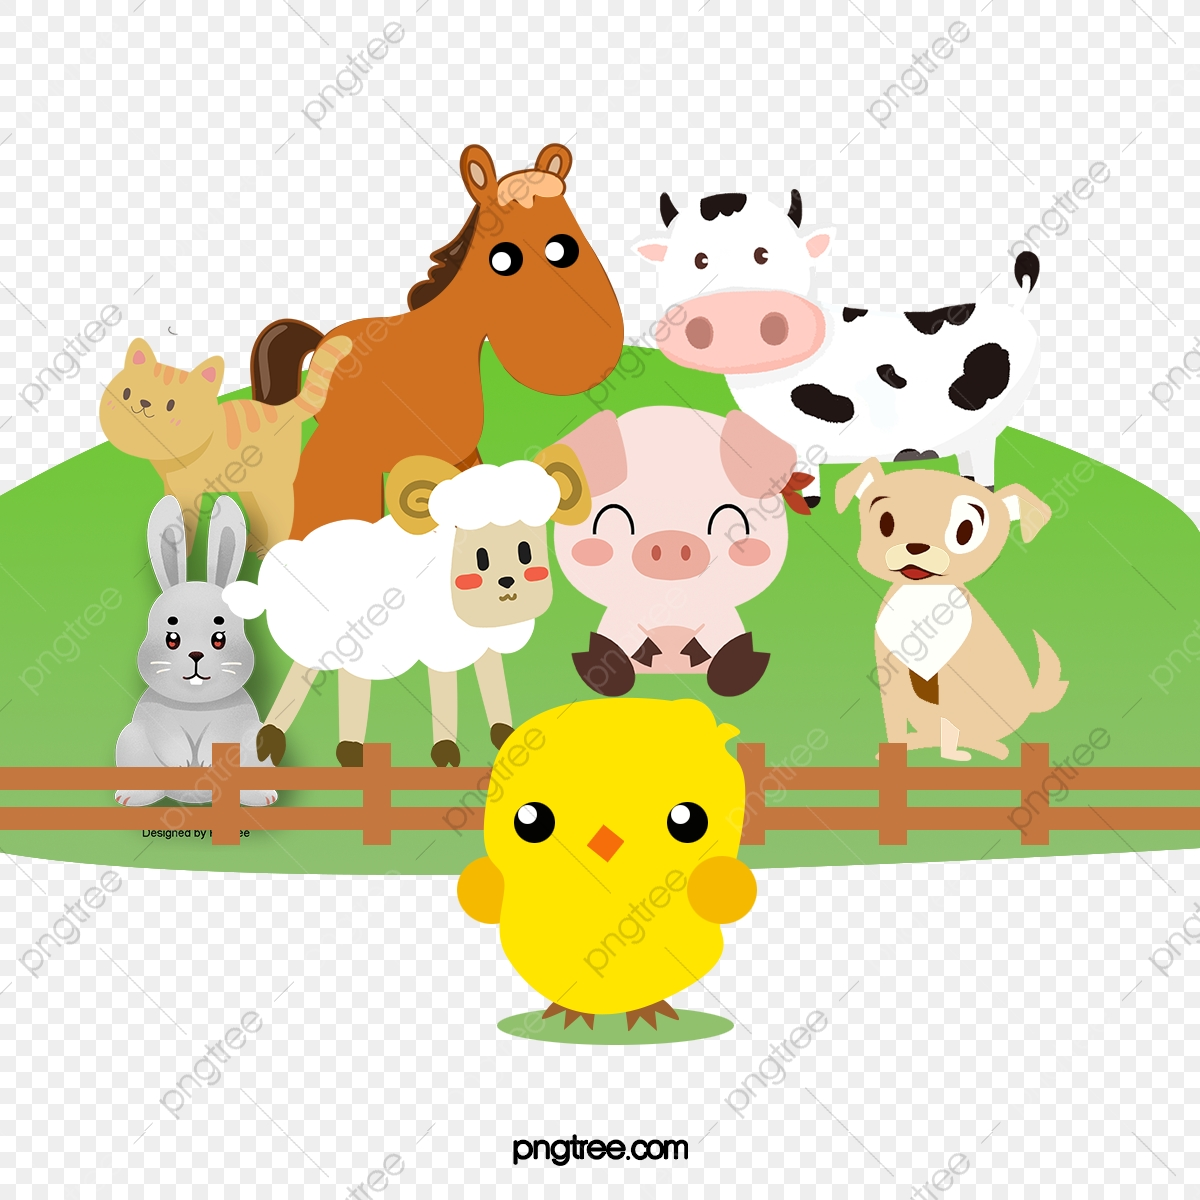 無料ダウンロードのための農場小動物 漫画 可愛い 児童イラストpng画像素材